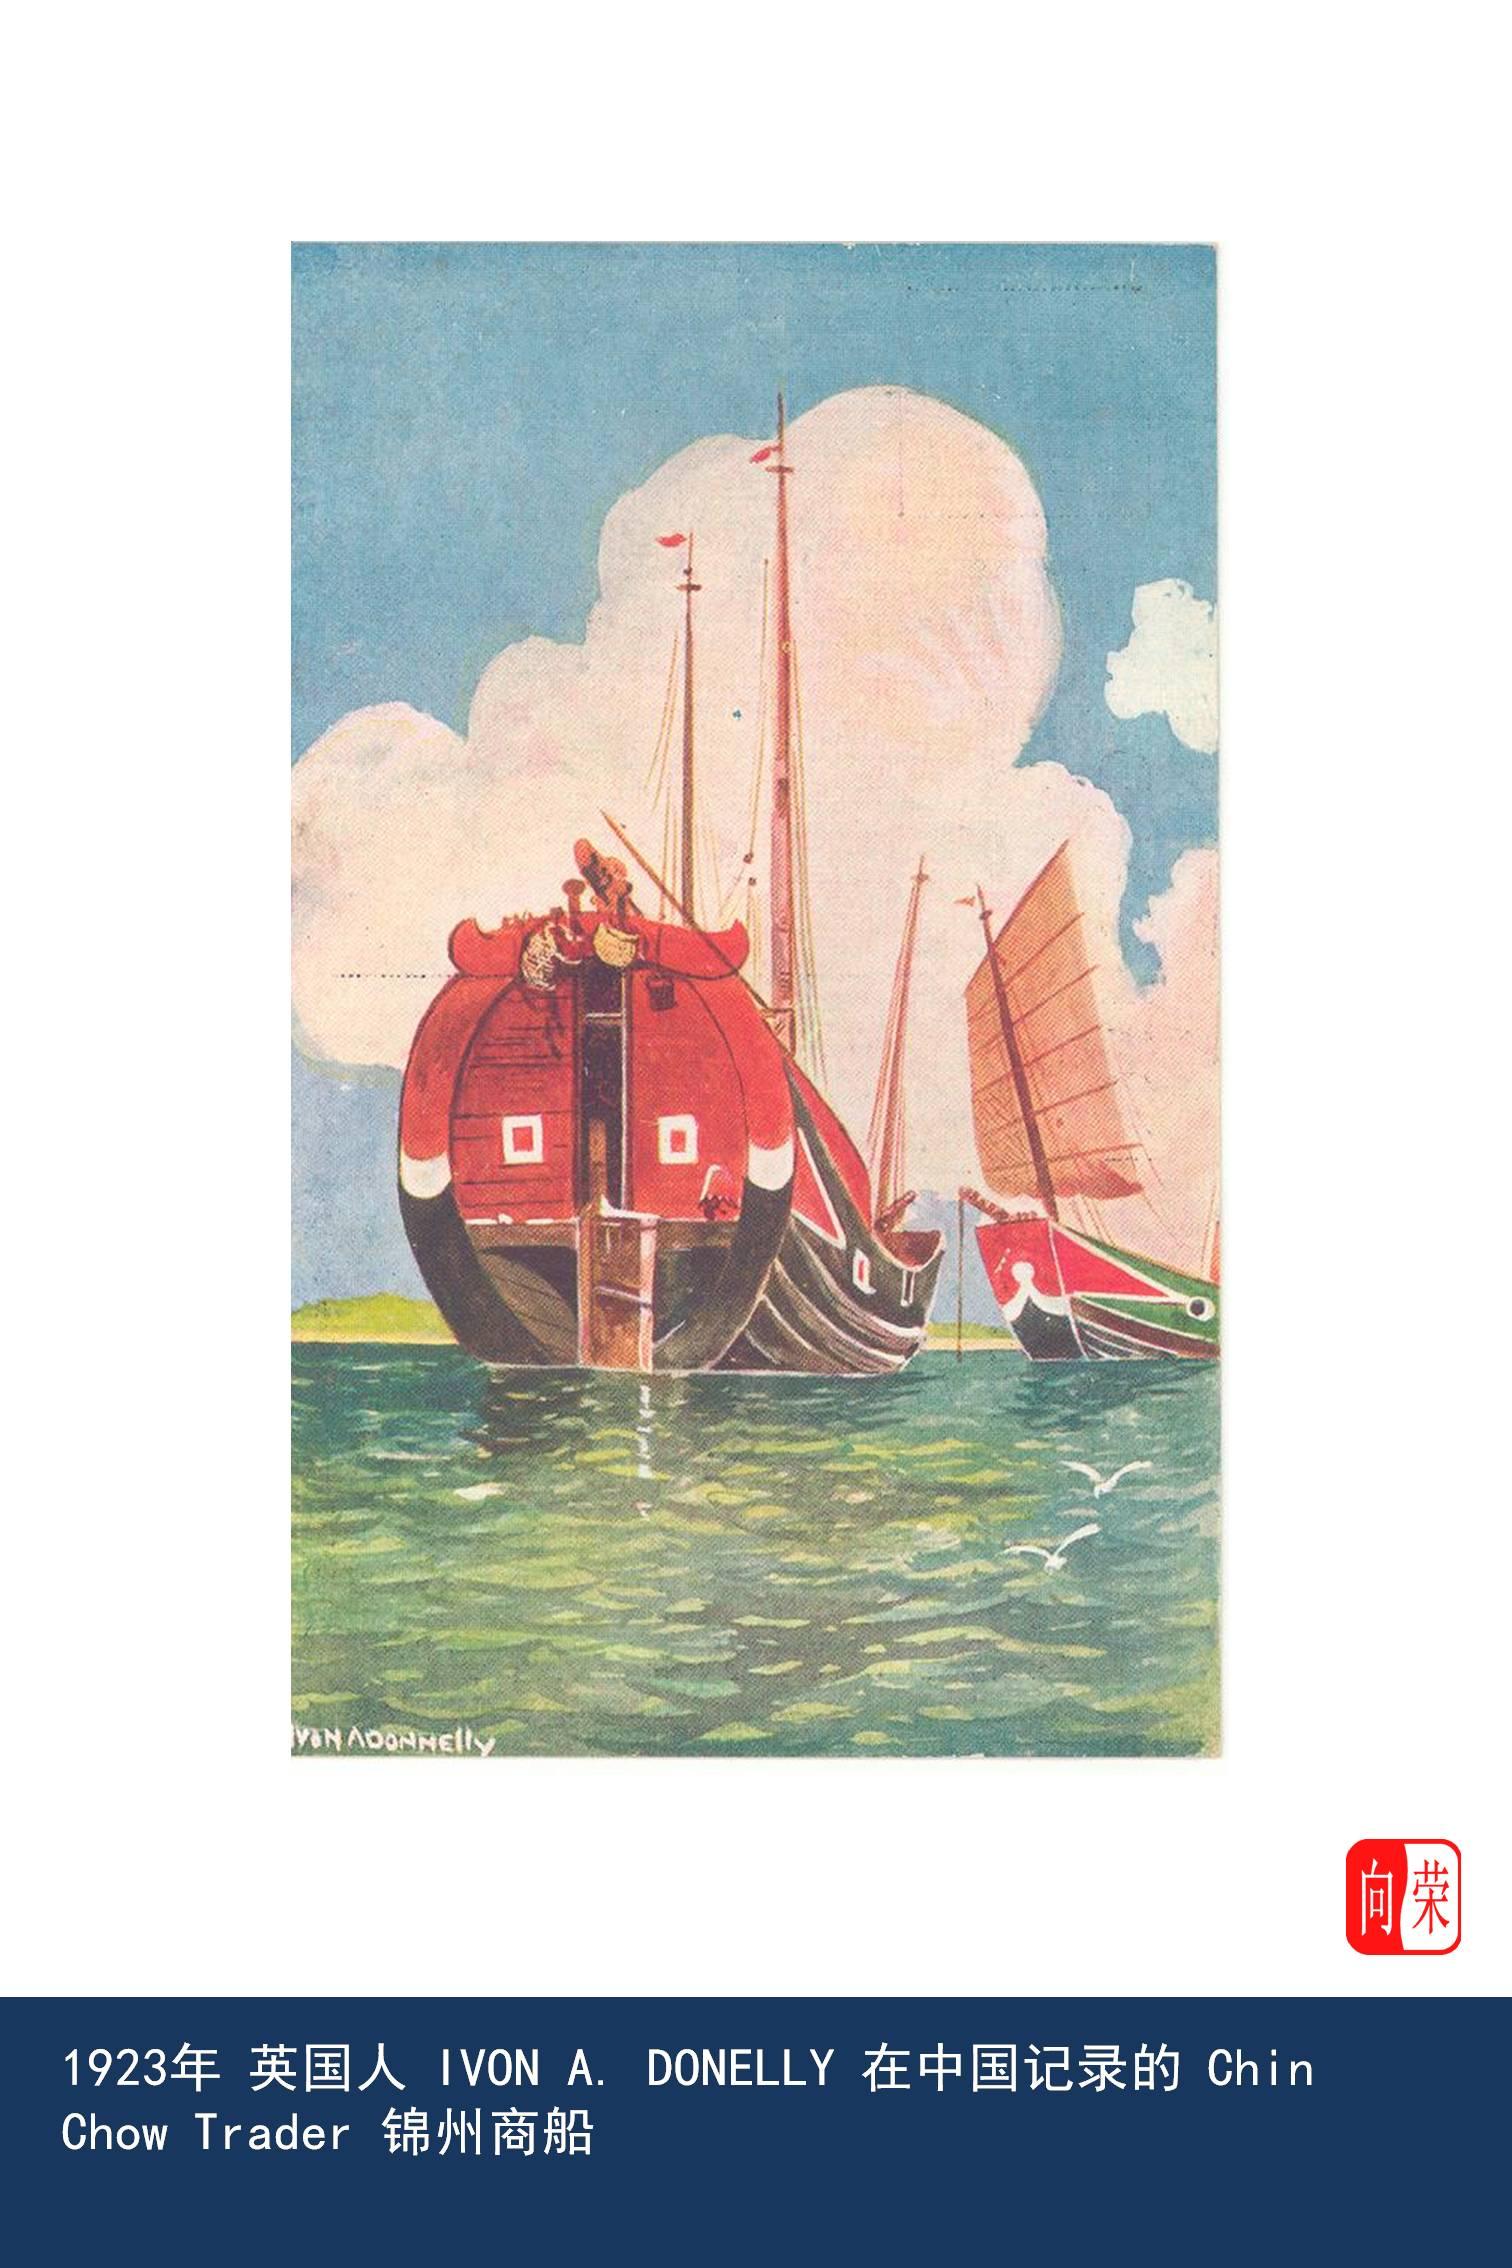 中华文化,旅行社,香港大学,南海诸岛,帆船运动 《中式帆船古为今用》展览,让老邝带你看中式帆船! Slide6.JPG